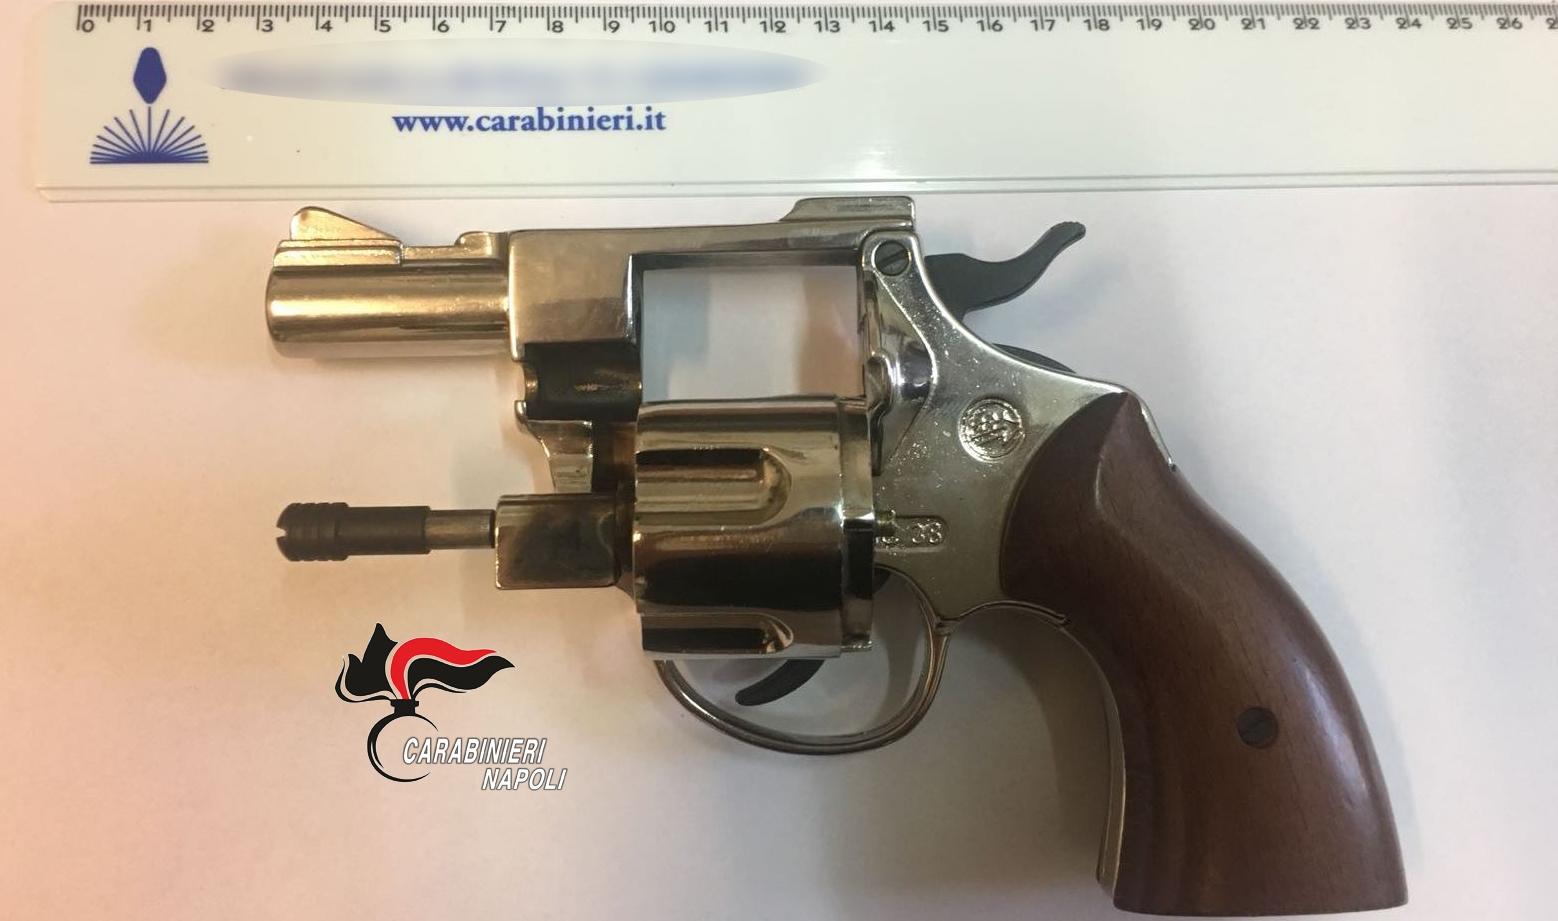 Quarto, minore spara con pistola finta: carabiniere lo blocca. Interviene lo zio che minaccia il militare: arrestato